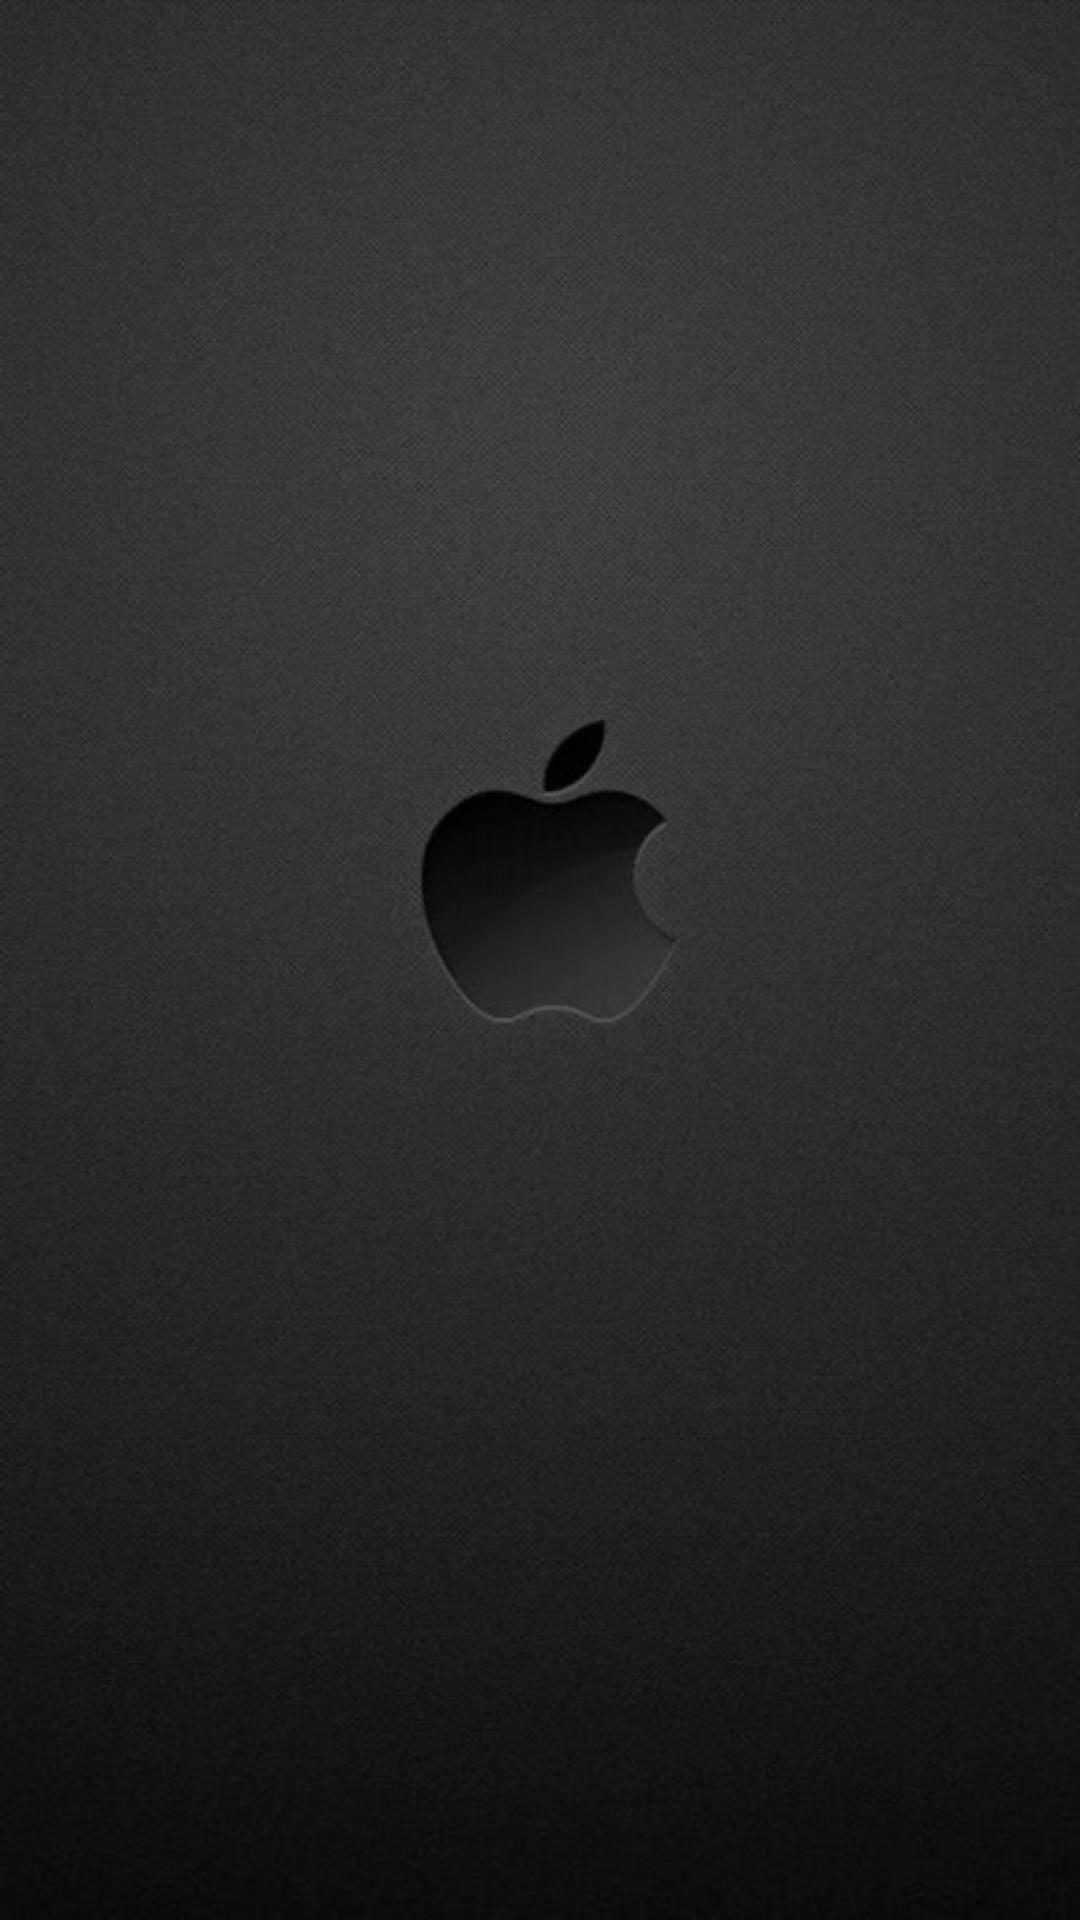 人気87位 格好いいブラック壁紙 黒の壁紙 アップルの壁紙 壁紙